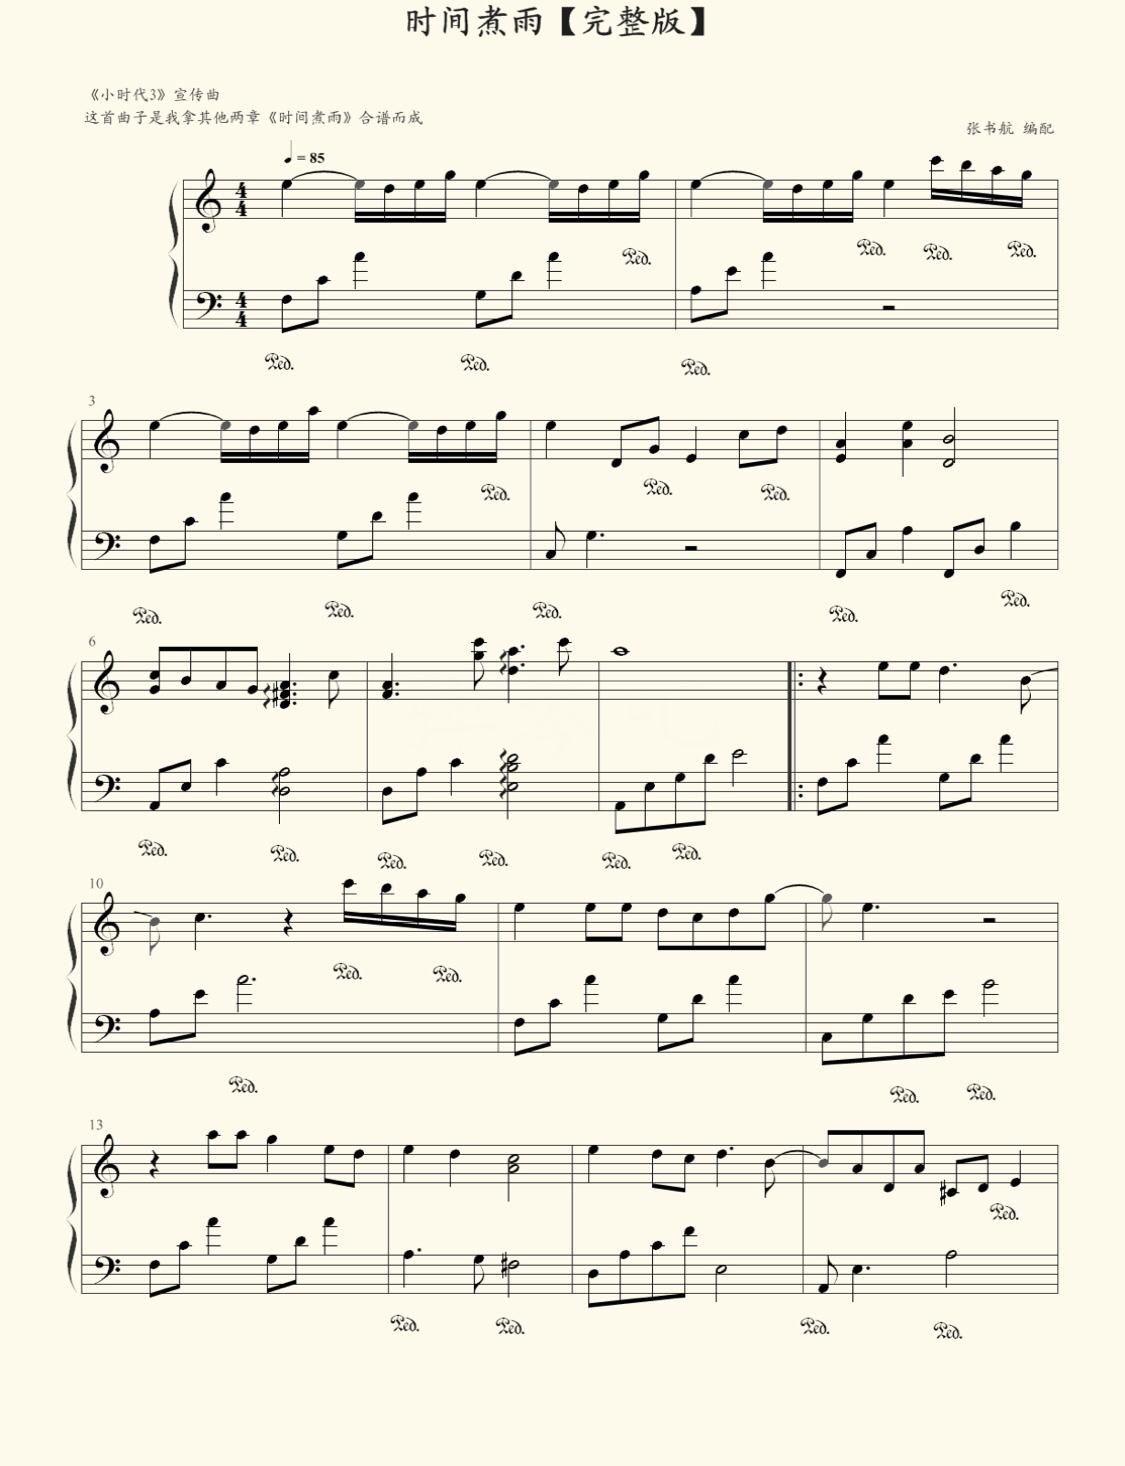 你们要的时间煮雨钢琴谱 喜欢留下你们的小爱心图片